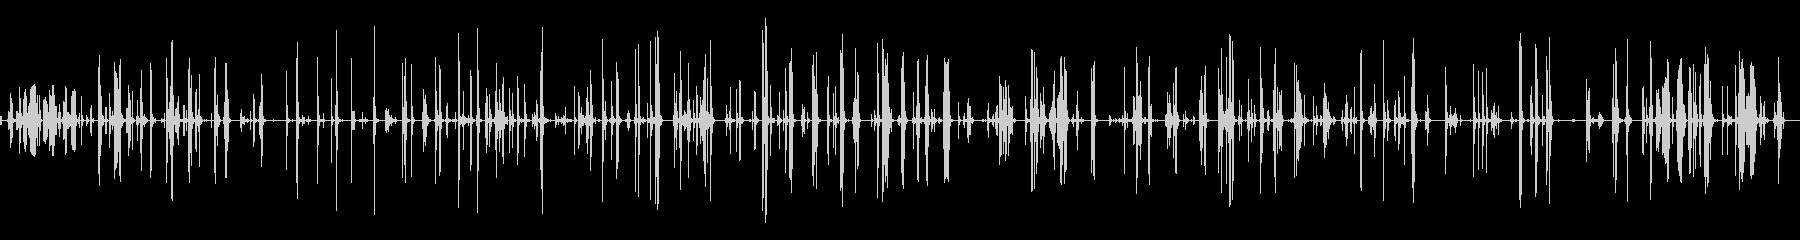 ガラガラ、パッティングアウェイディ...の未再生の波形